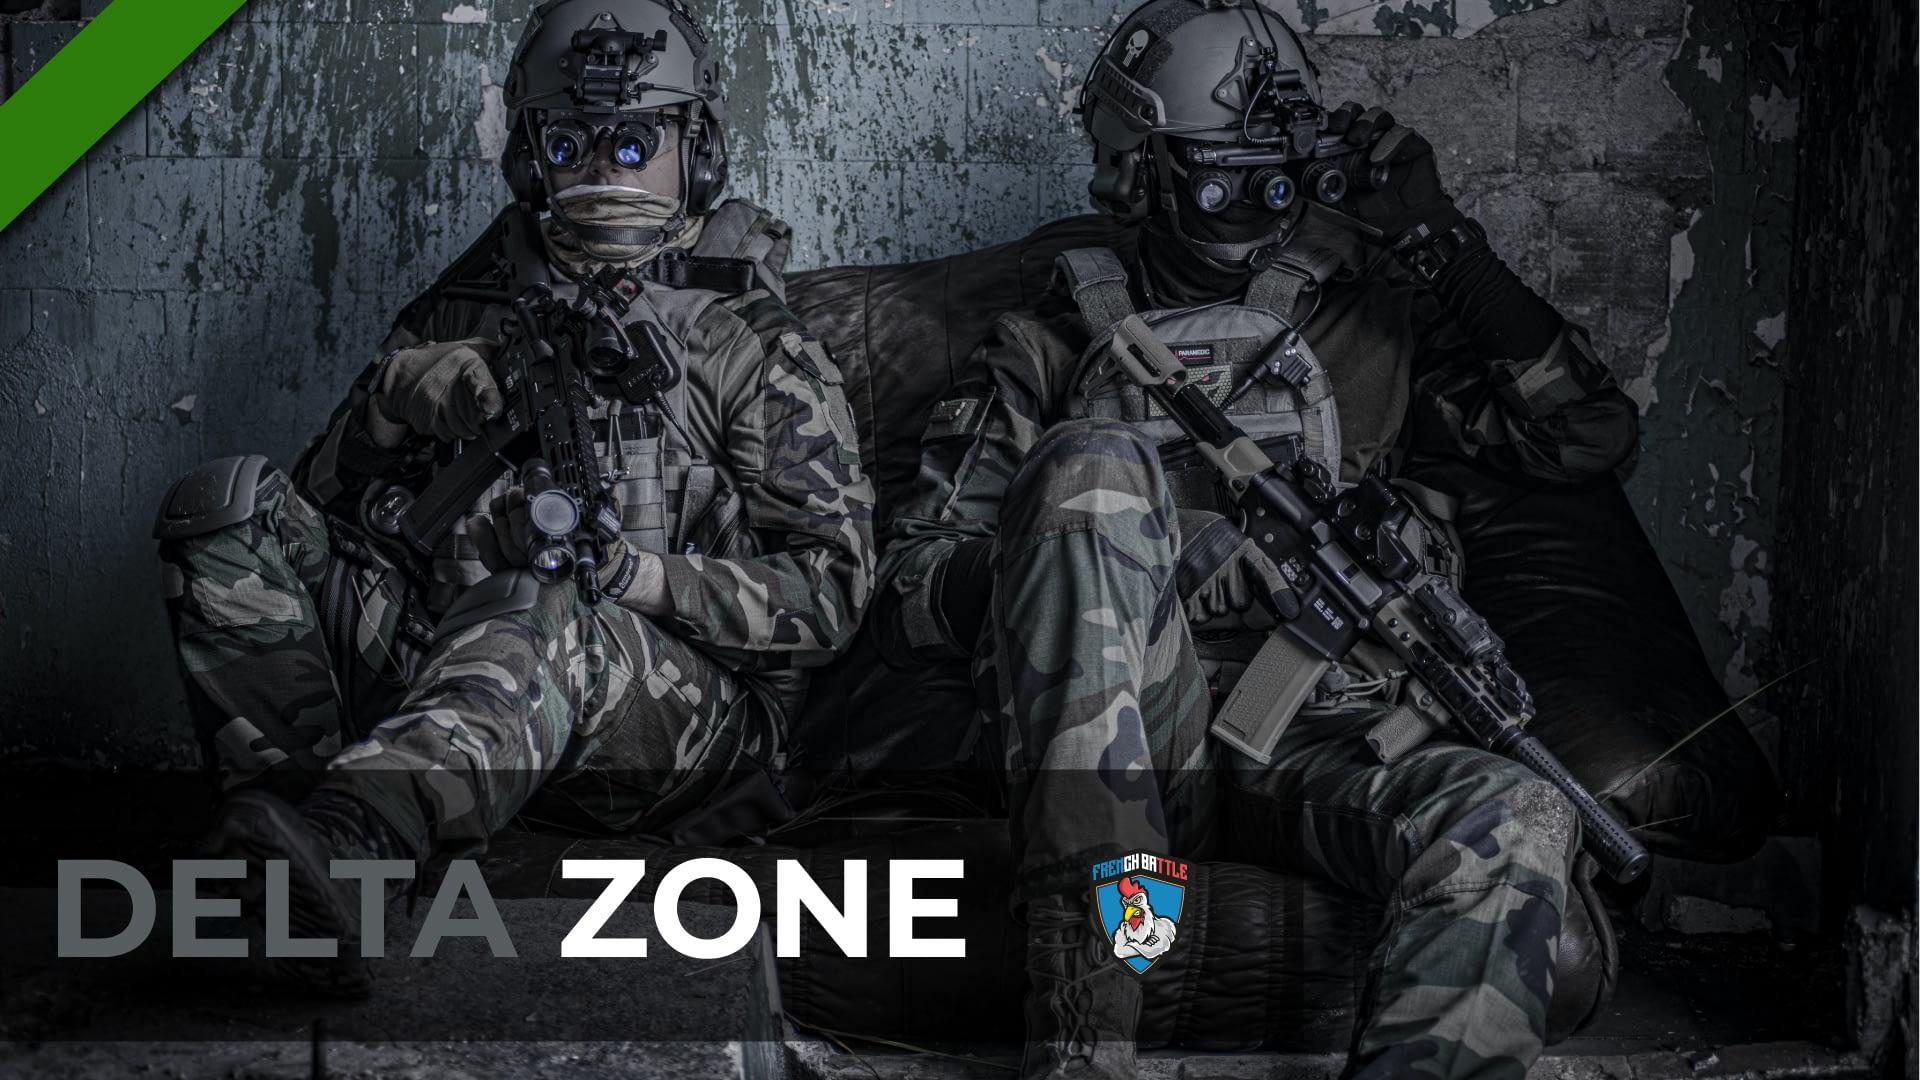 NOCTURNE – DELTA ZONE